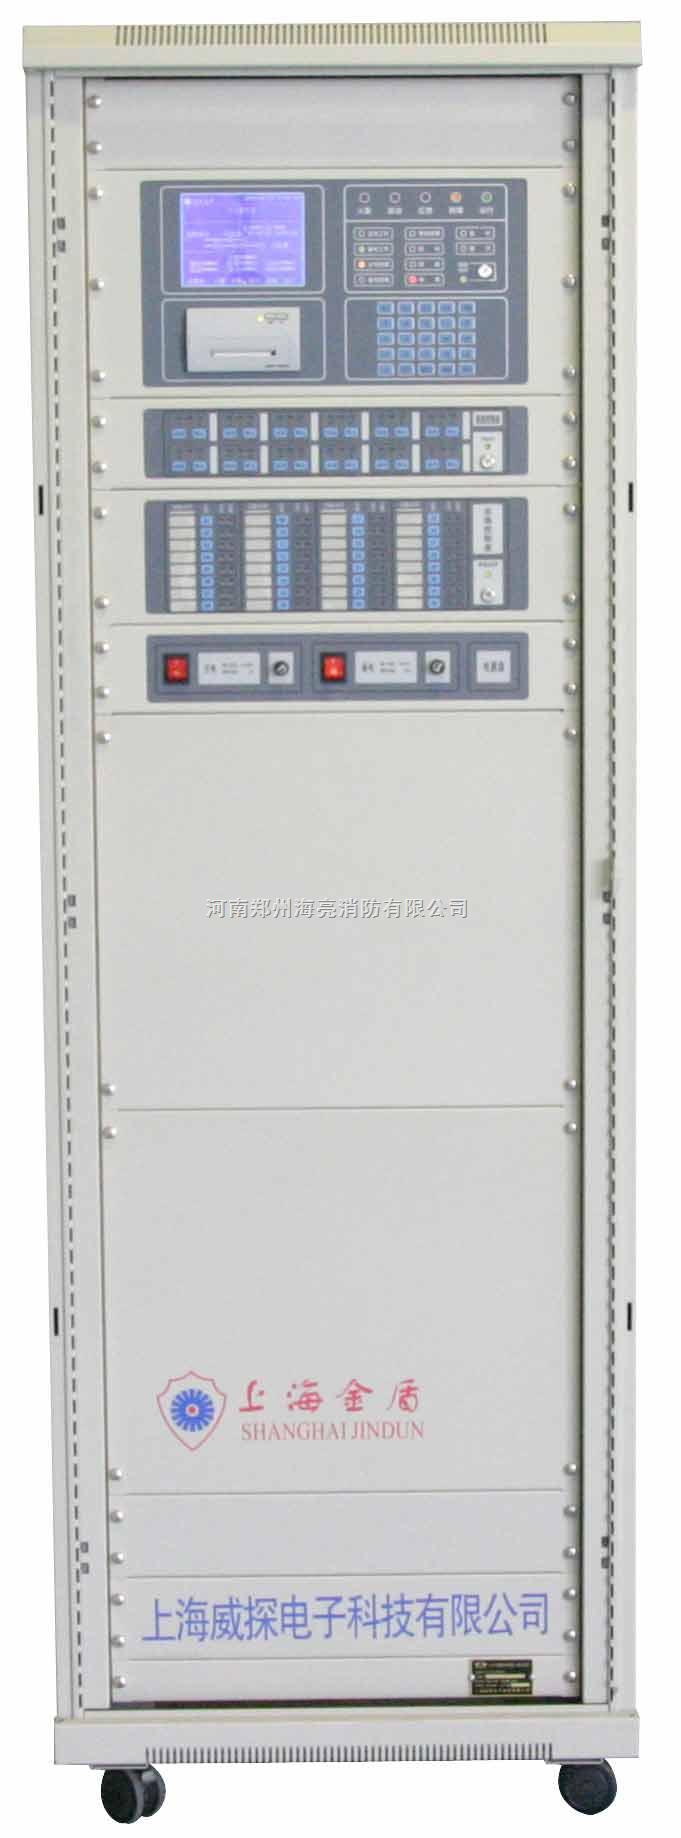 内置微处理器CPU;采用SMT表面贴装工艺;稳定性高,抗干扰能力强;可以接收被监视设备动作后提供的常开无源触点信号,输入模块报警时确认灯闪亮;电子编码方式。可通过专用电子编码器编址;二总线,无极性。功耗低,最远传输距离1500m。导线截面积为1.0-1.5mm